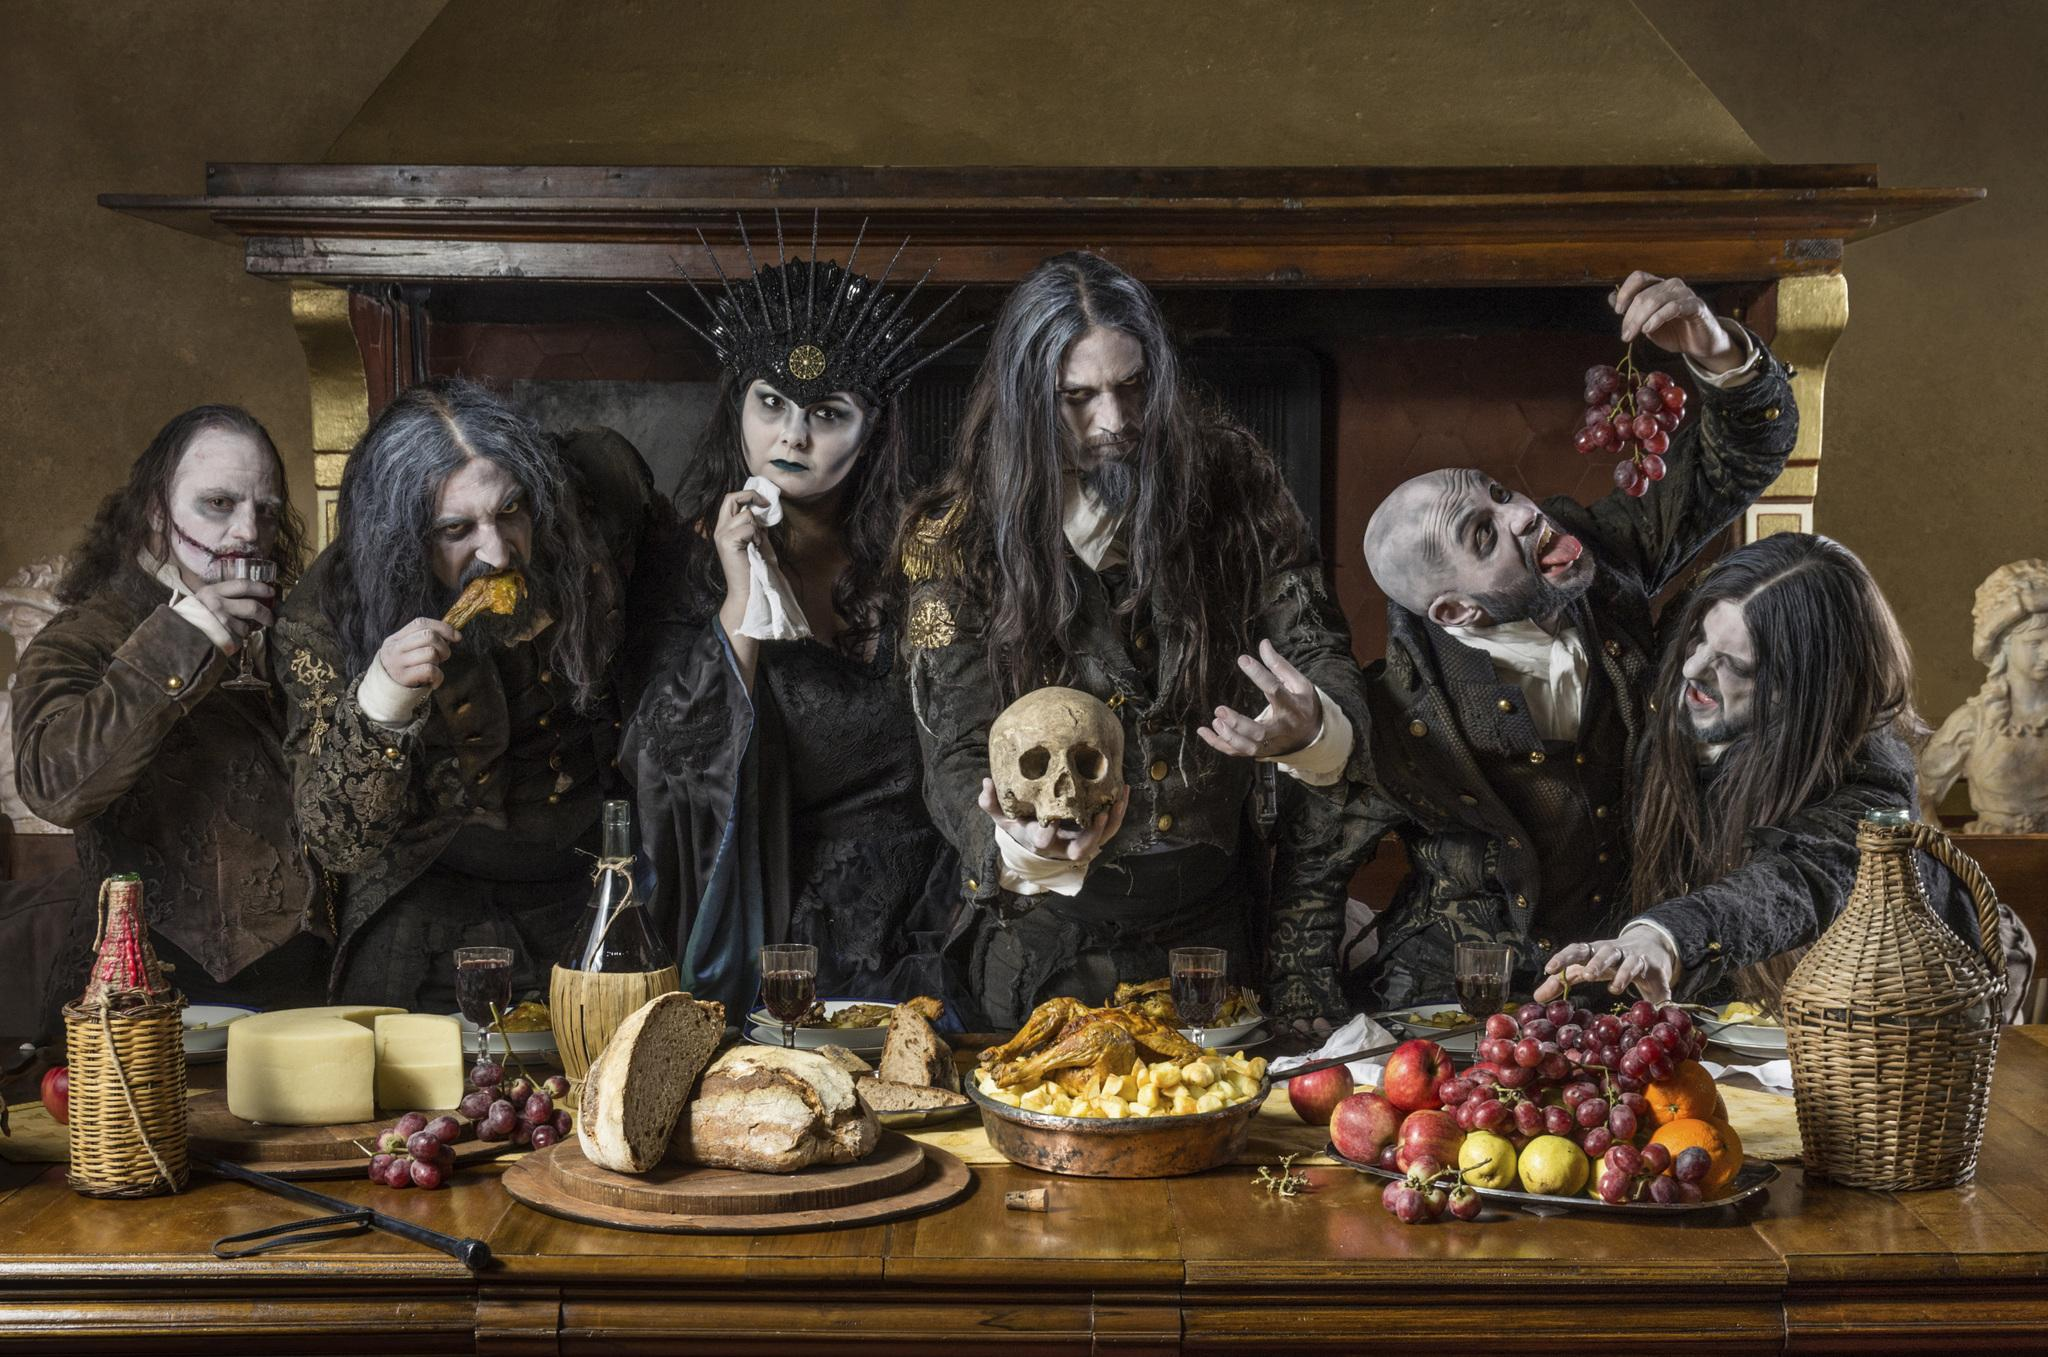 Fleshgod Apocalypse featuring the Veleno Quartet